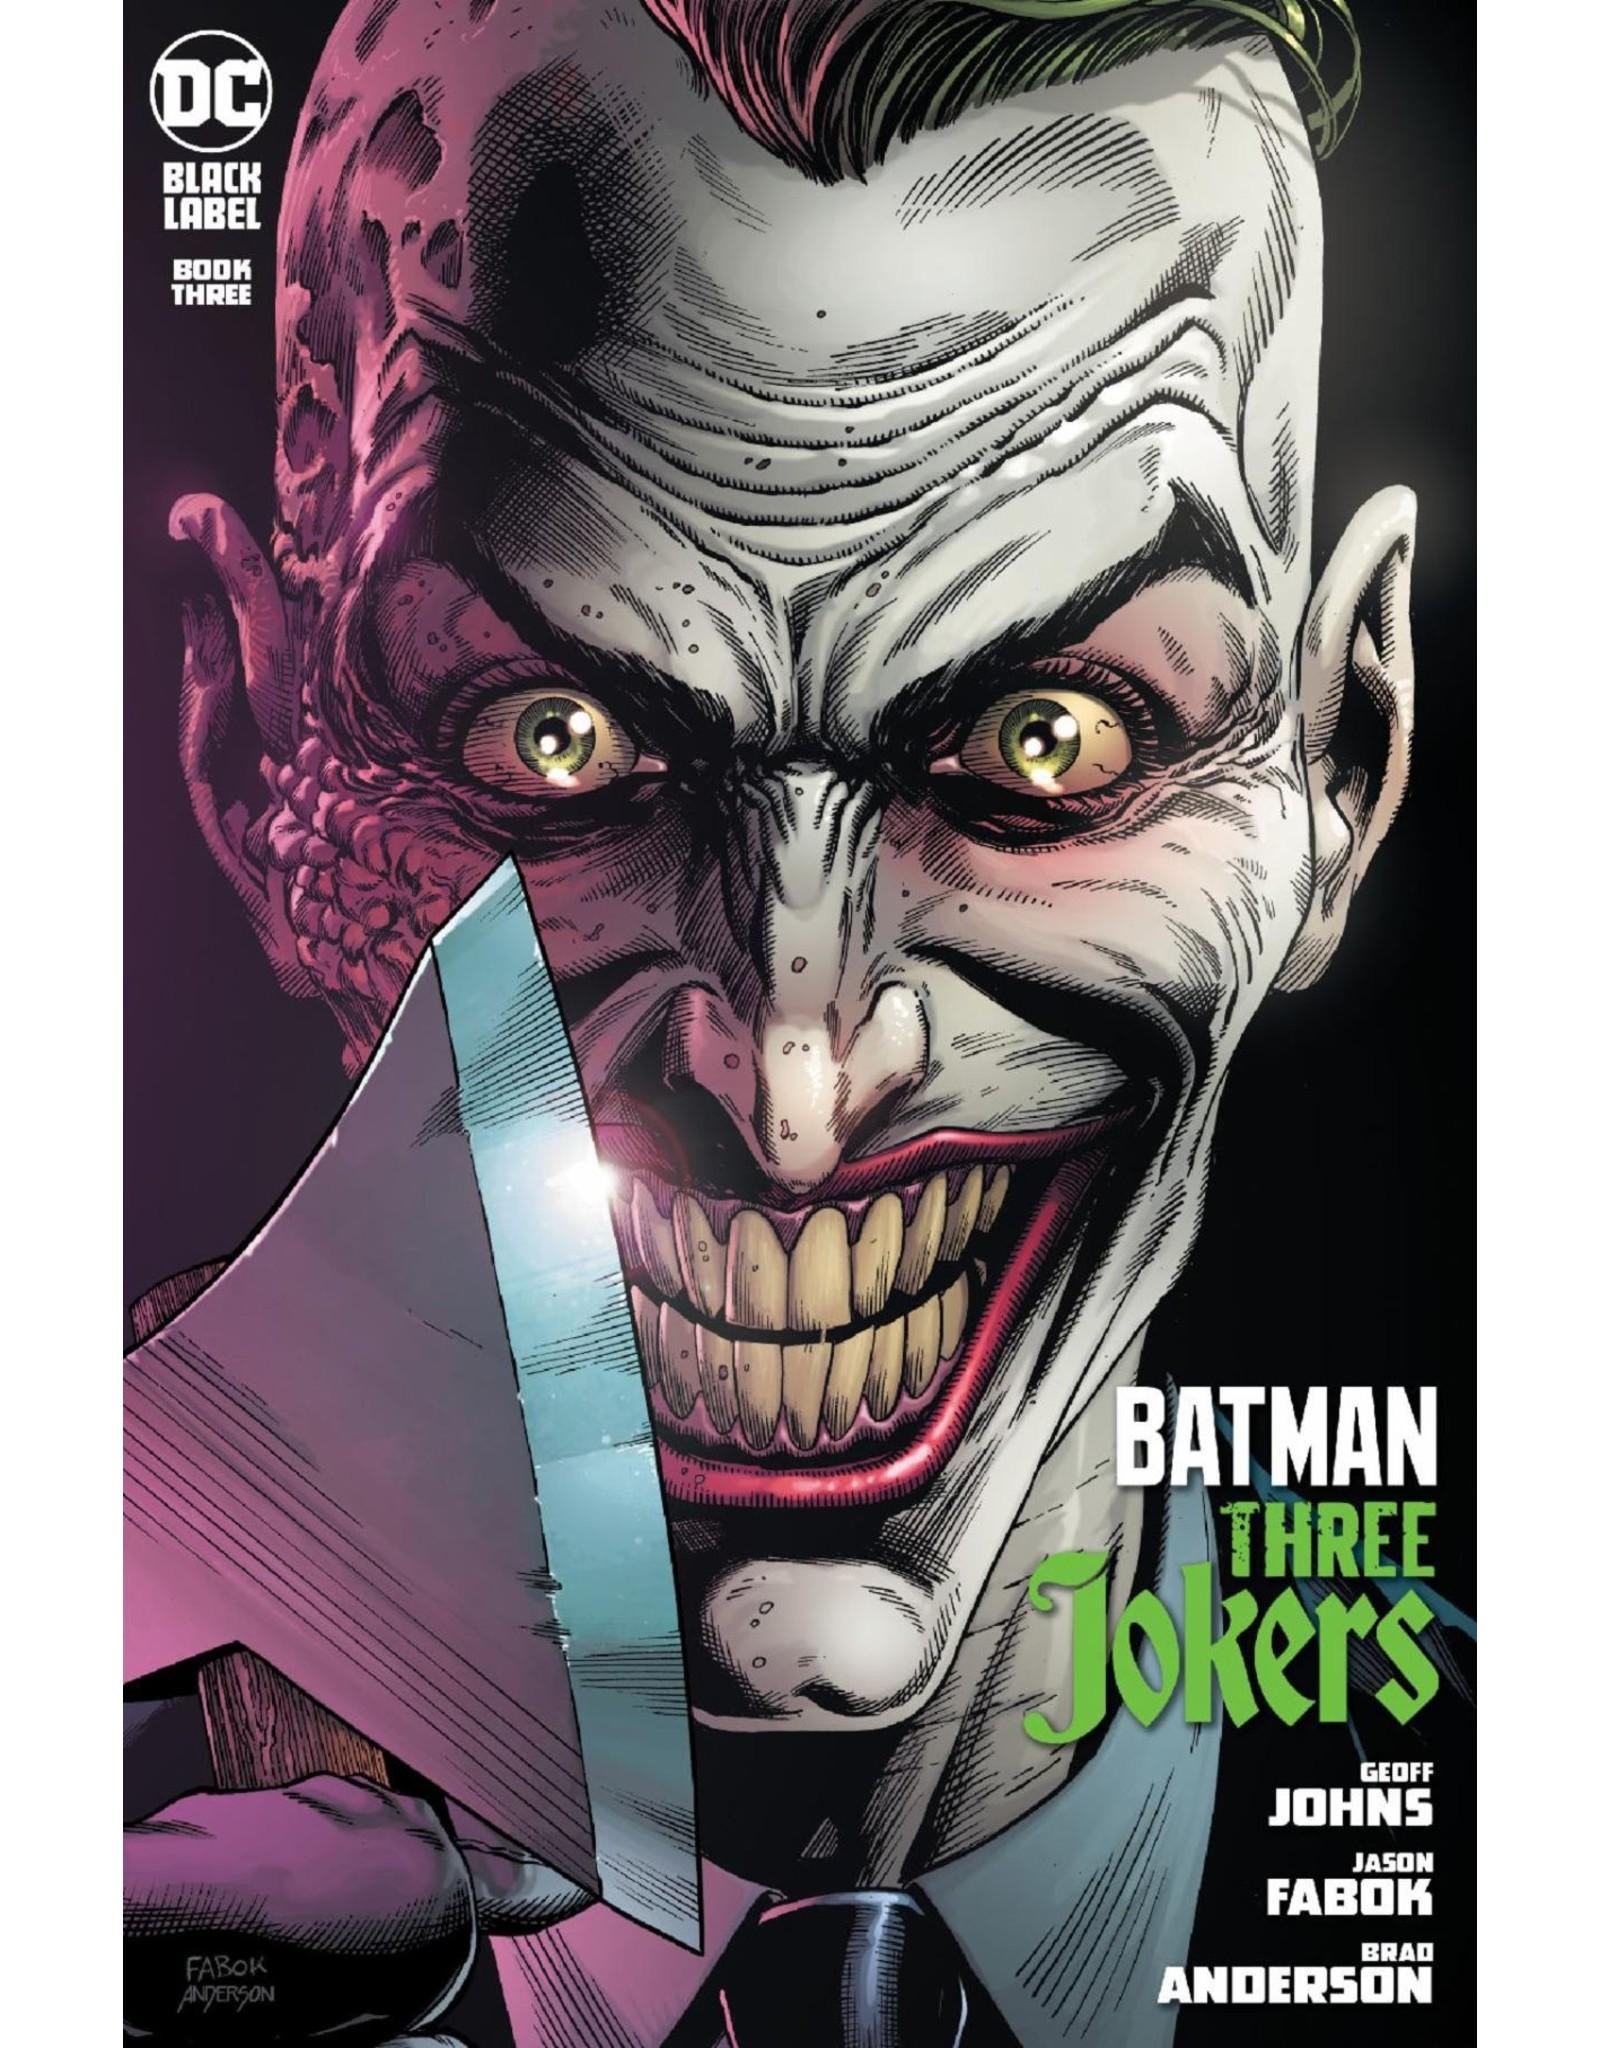 DC COMICS BATMAN THREE JOKERS #3 (OF 3) PREM CVR I ENDGAME MOHAWK